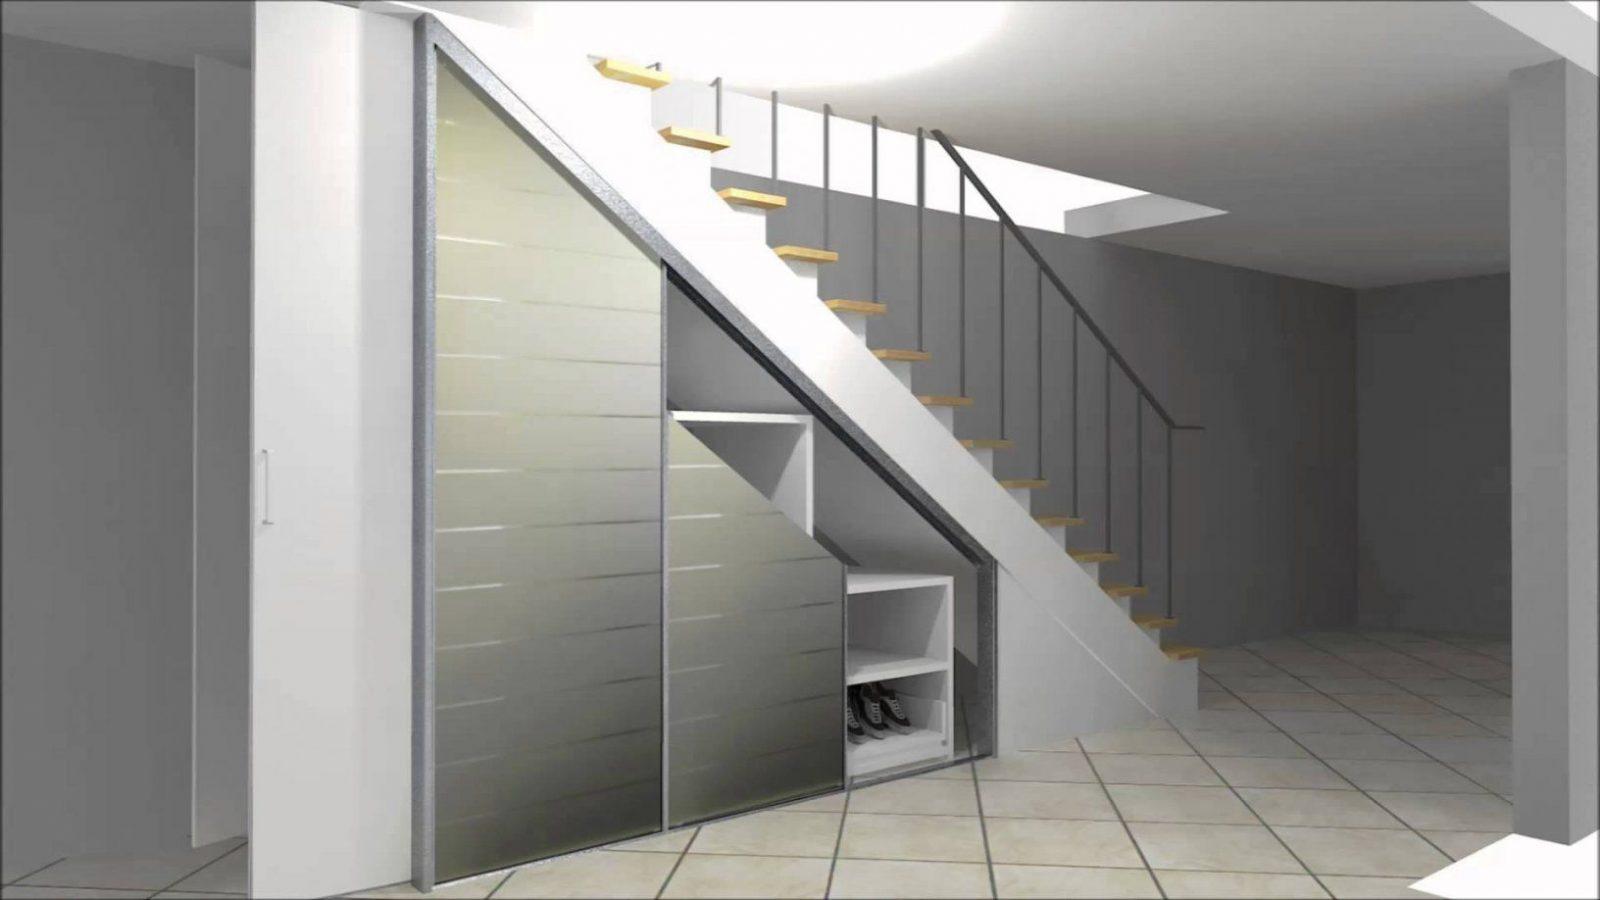 Cabinet Einbauschrank Zur Nutzung Von Stauraum Unter Einer Treppe von Schrank Unter Der Treppe Bild